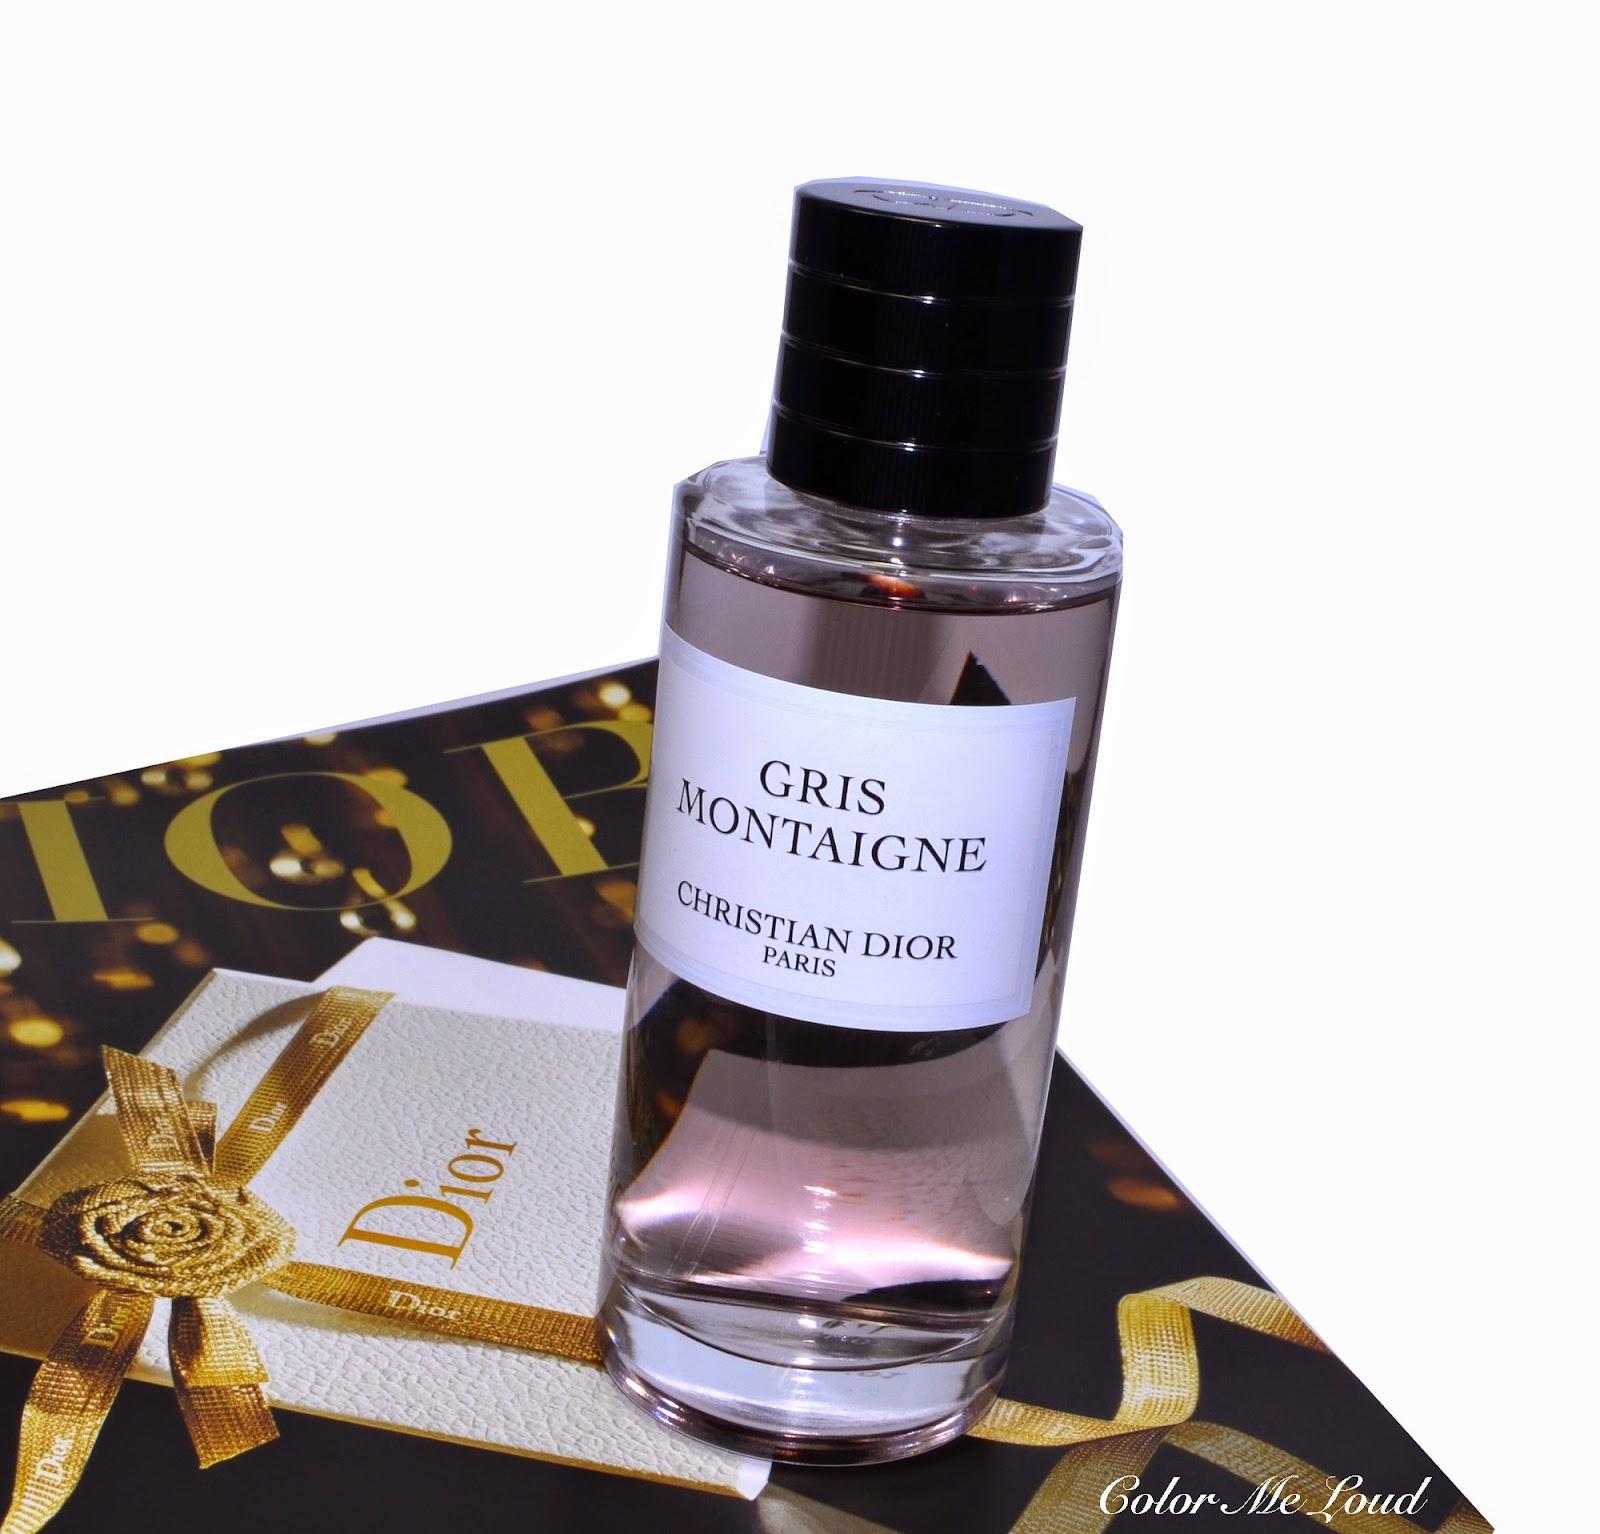 christian dior gris montaigne eau de perfum for collection priv e review color me loud. Black Bedroom Furniture Sets. Home Design Ideas